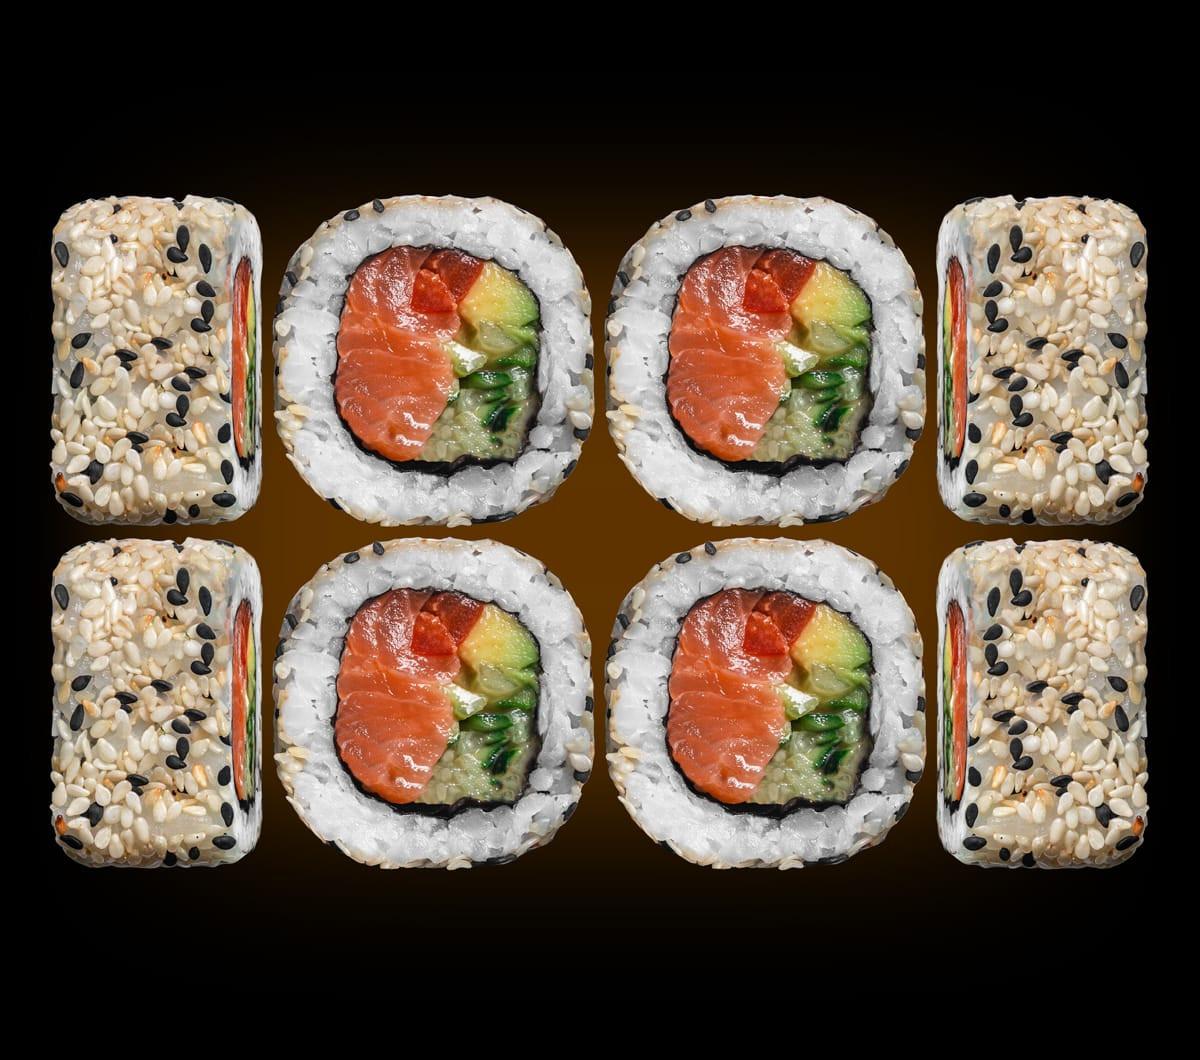 заказать: Роллы - Ролл с тартаром из лосося